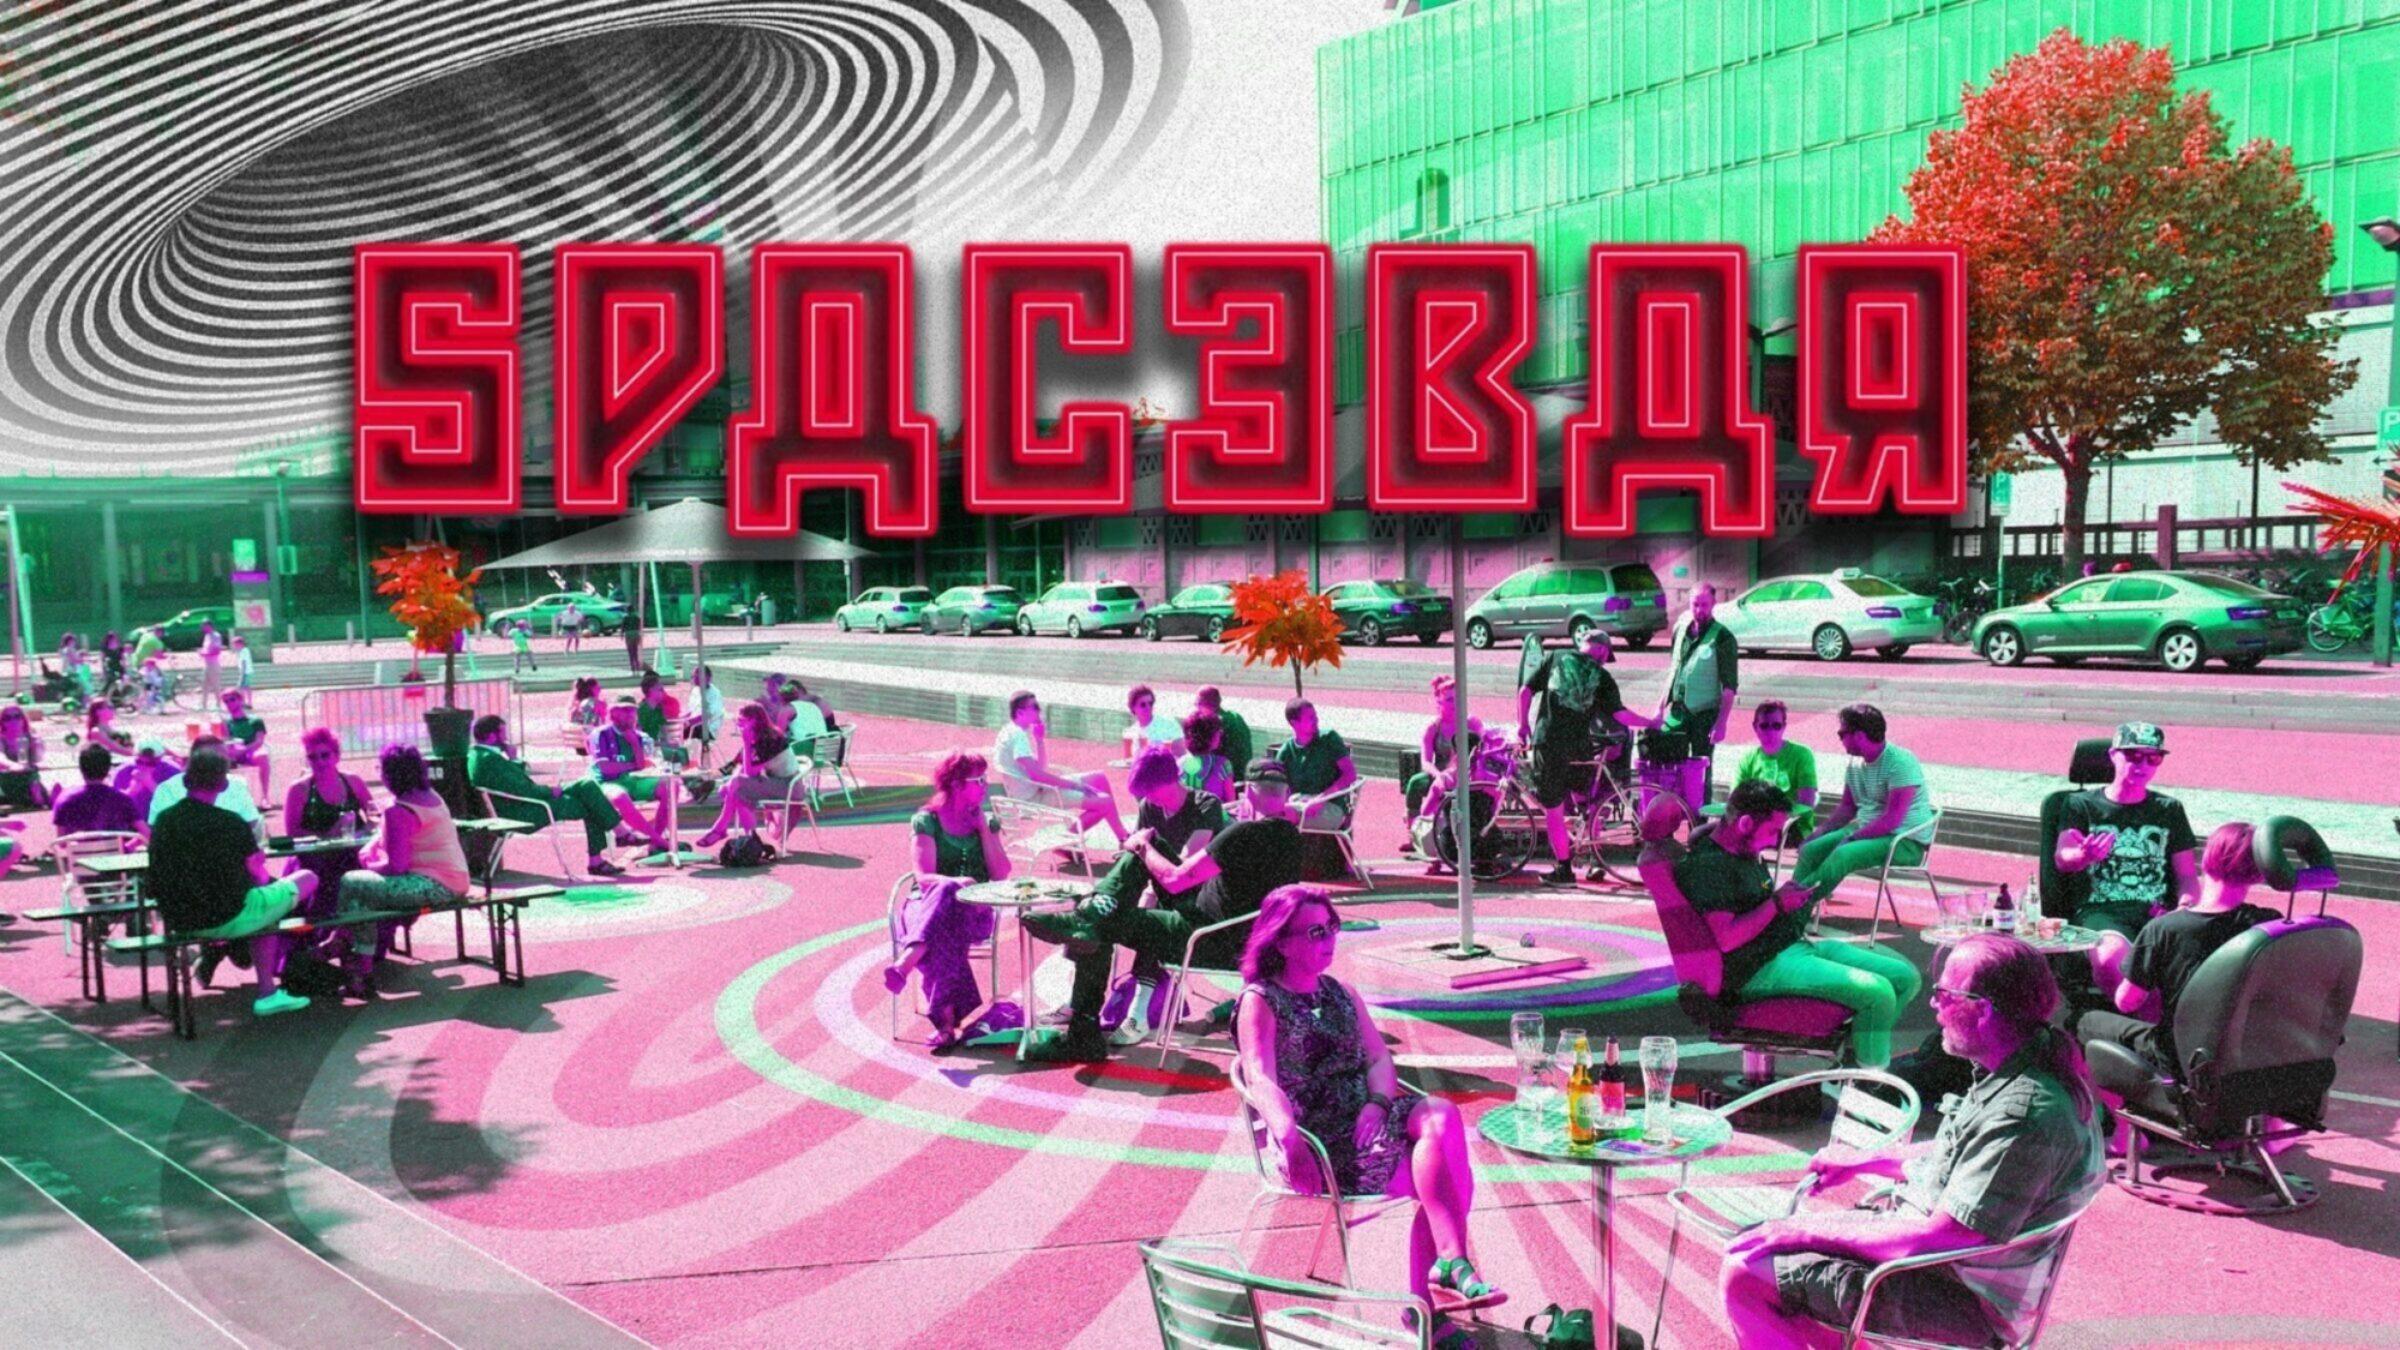 Spacebar Enschede